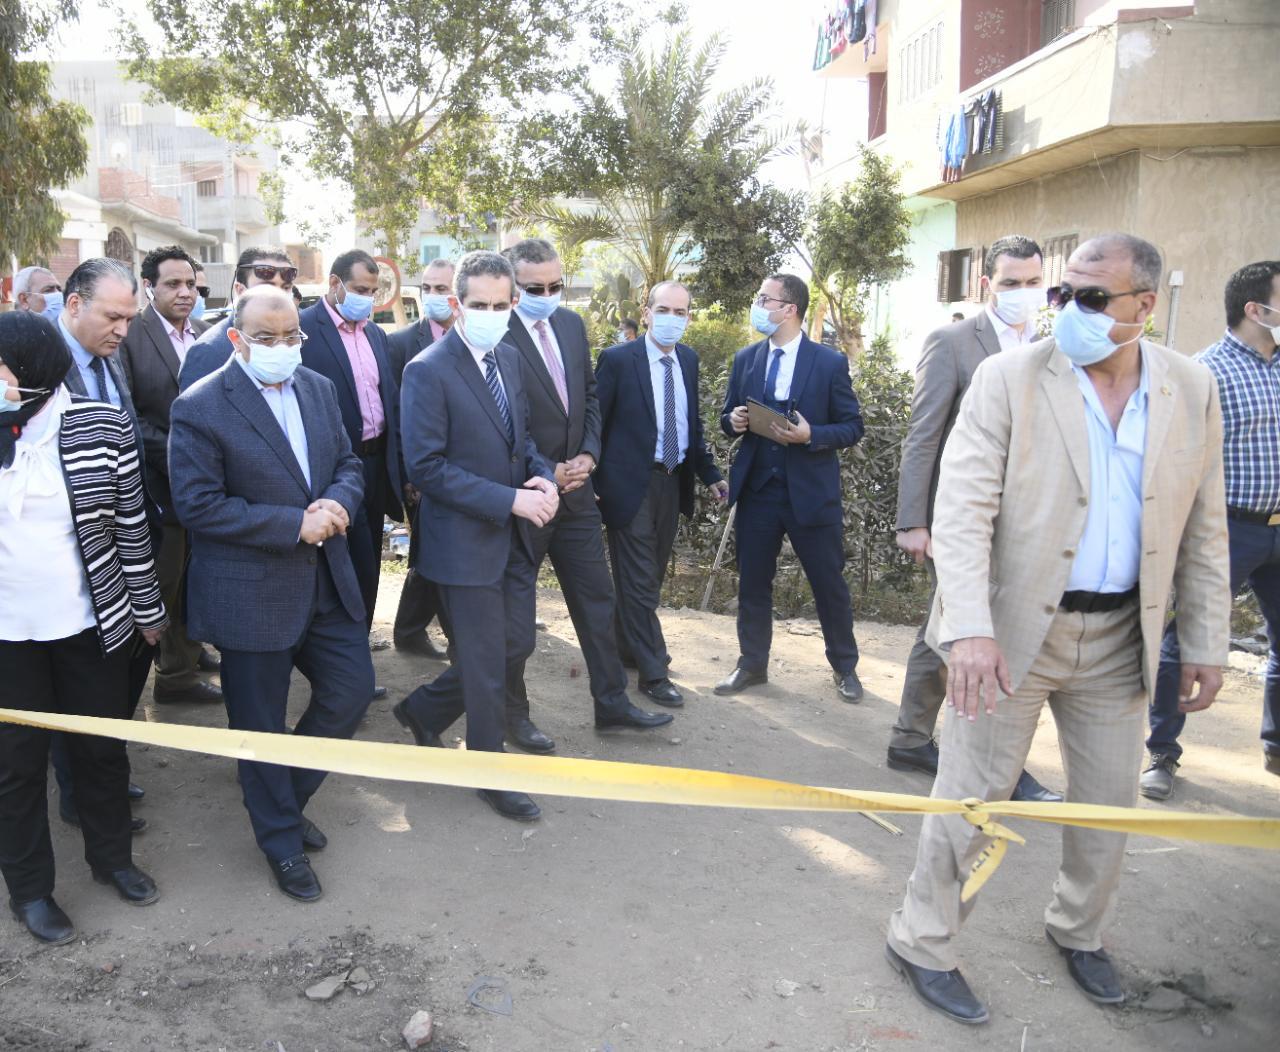 وزير التنمية المحلية يتفقد المشروعات الجارية بمركز زفتي ضمن برنامج تطوير الريف المصري